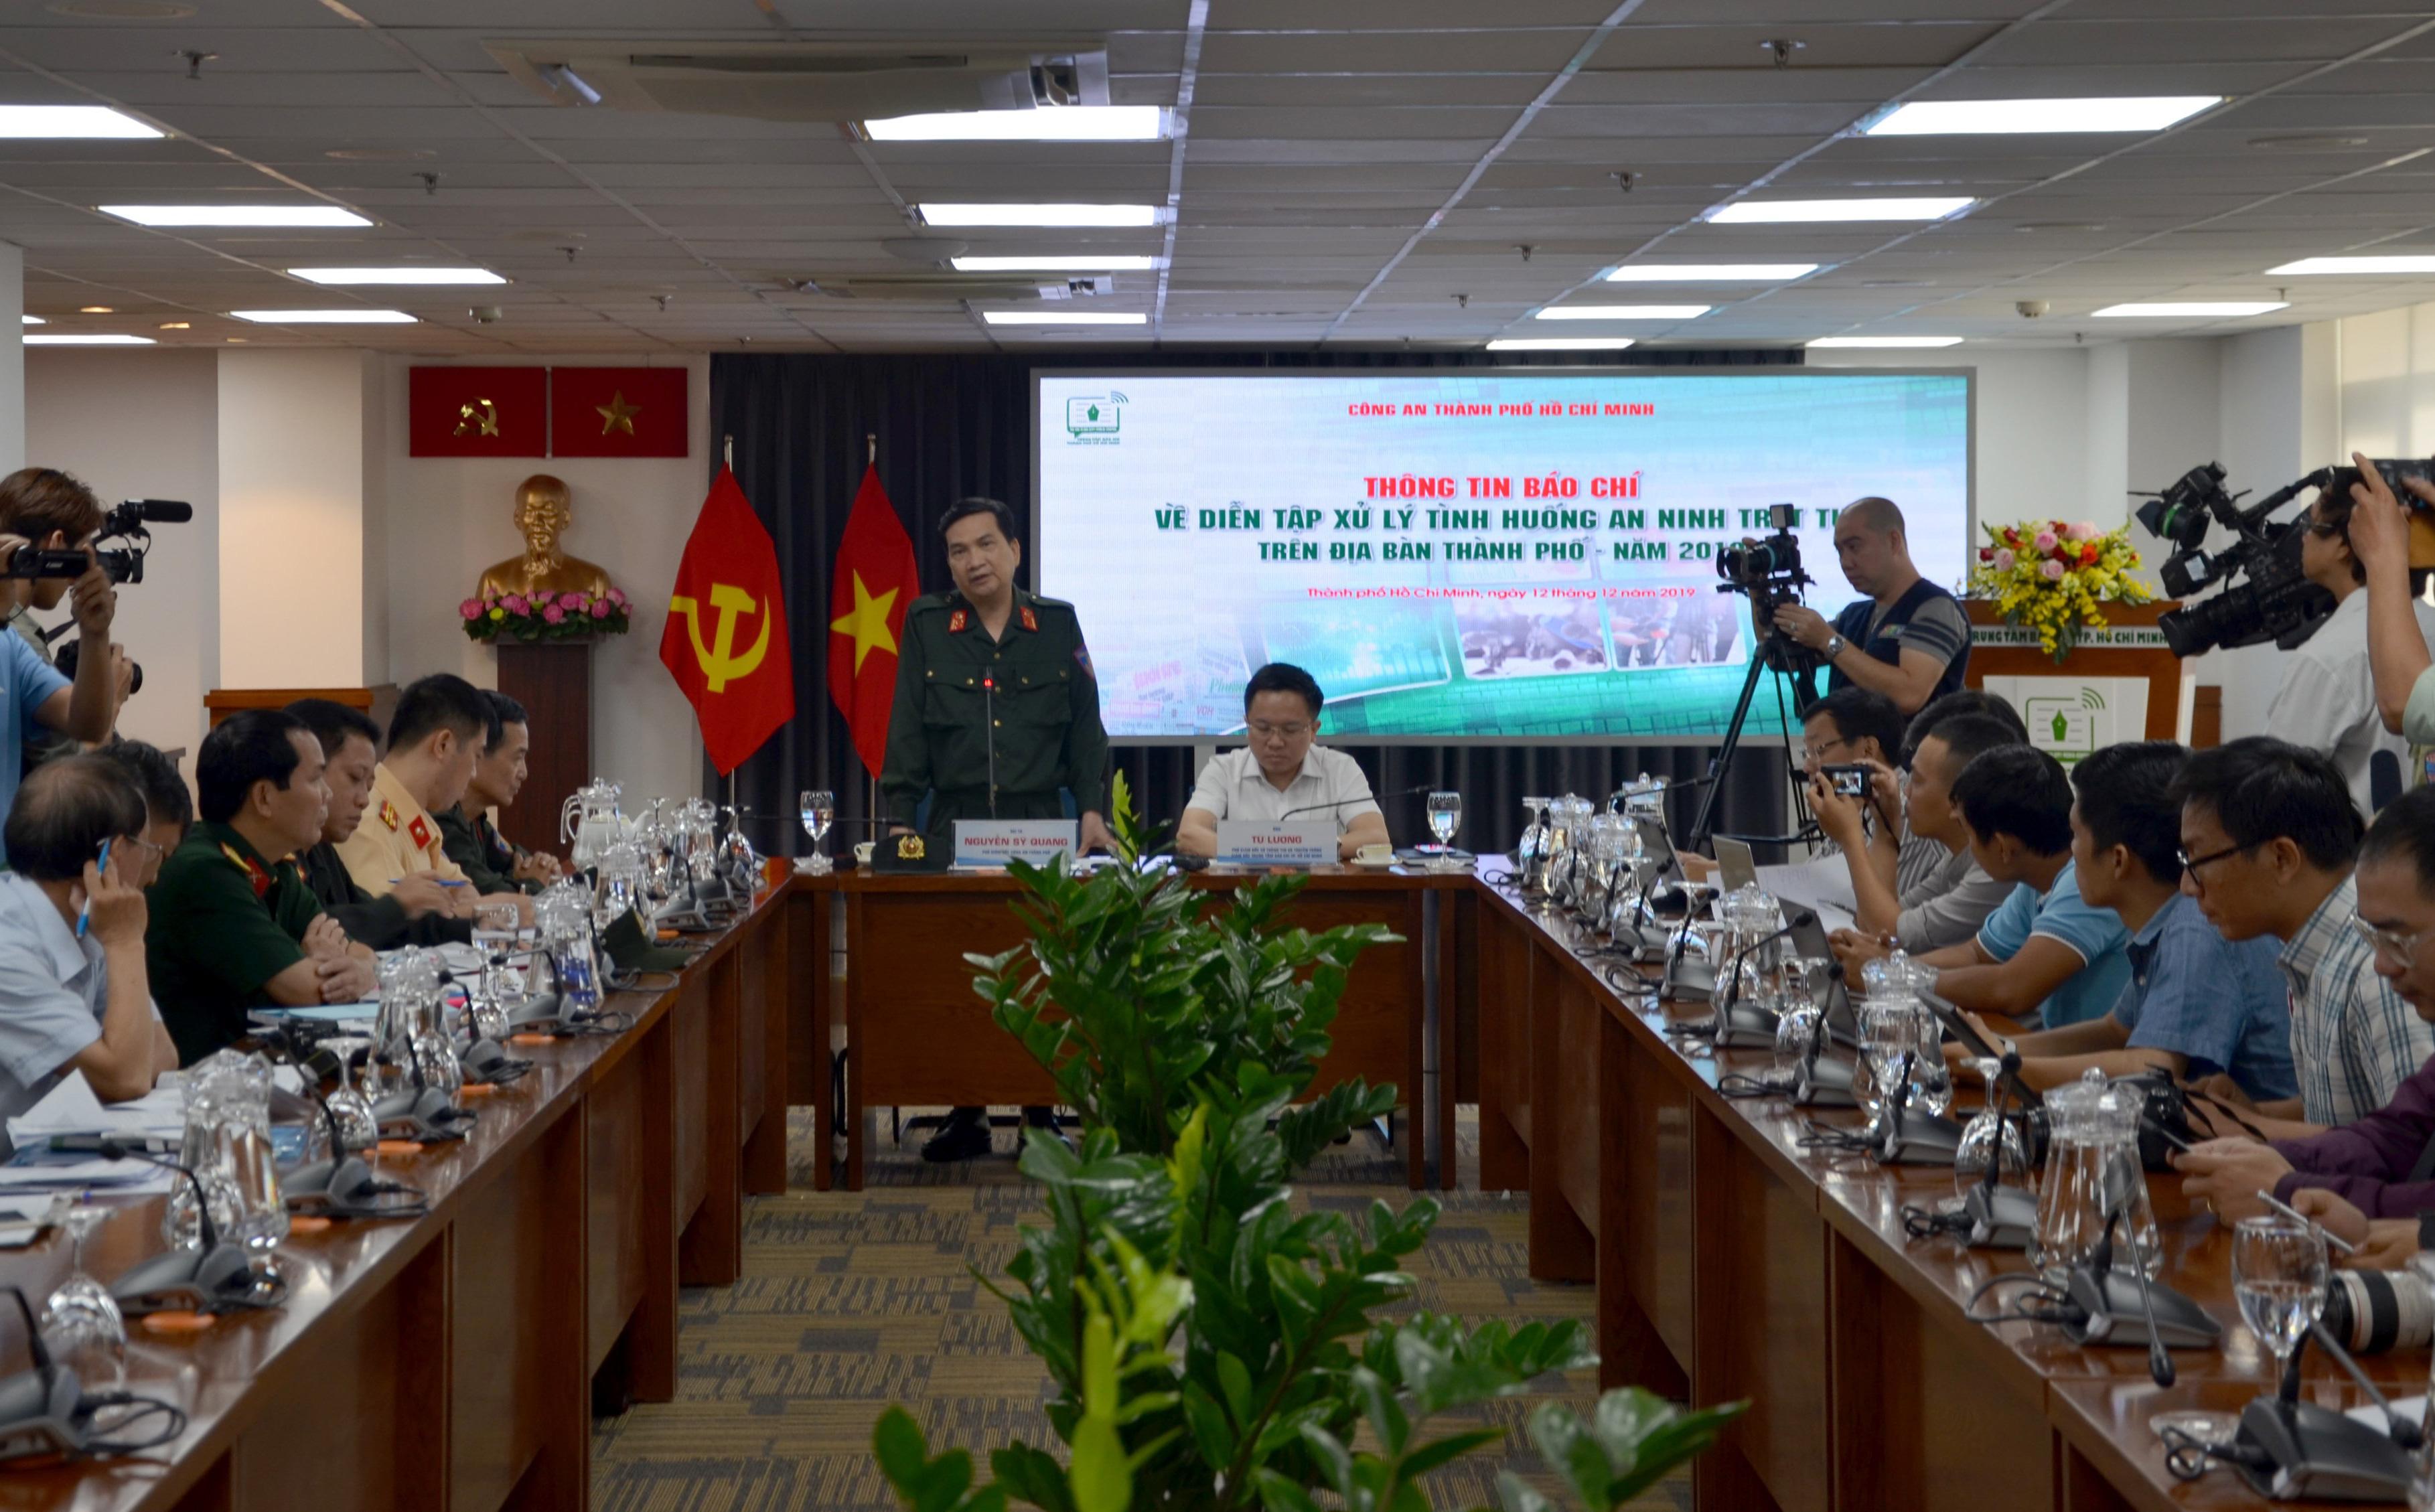 Công an TP.HCM đưa ra 4 tình huống giả định khủng bố ở sân bay Tân Sơn Nhất và trung tâm Sài Gòn